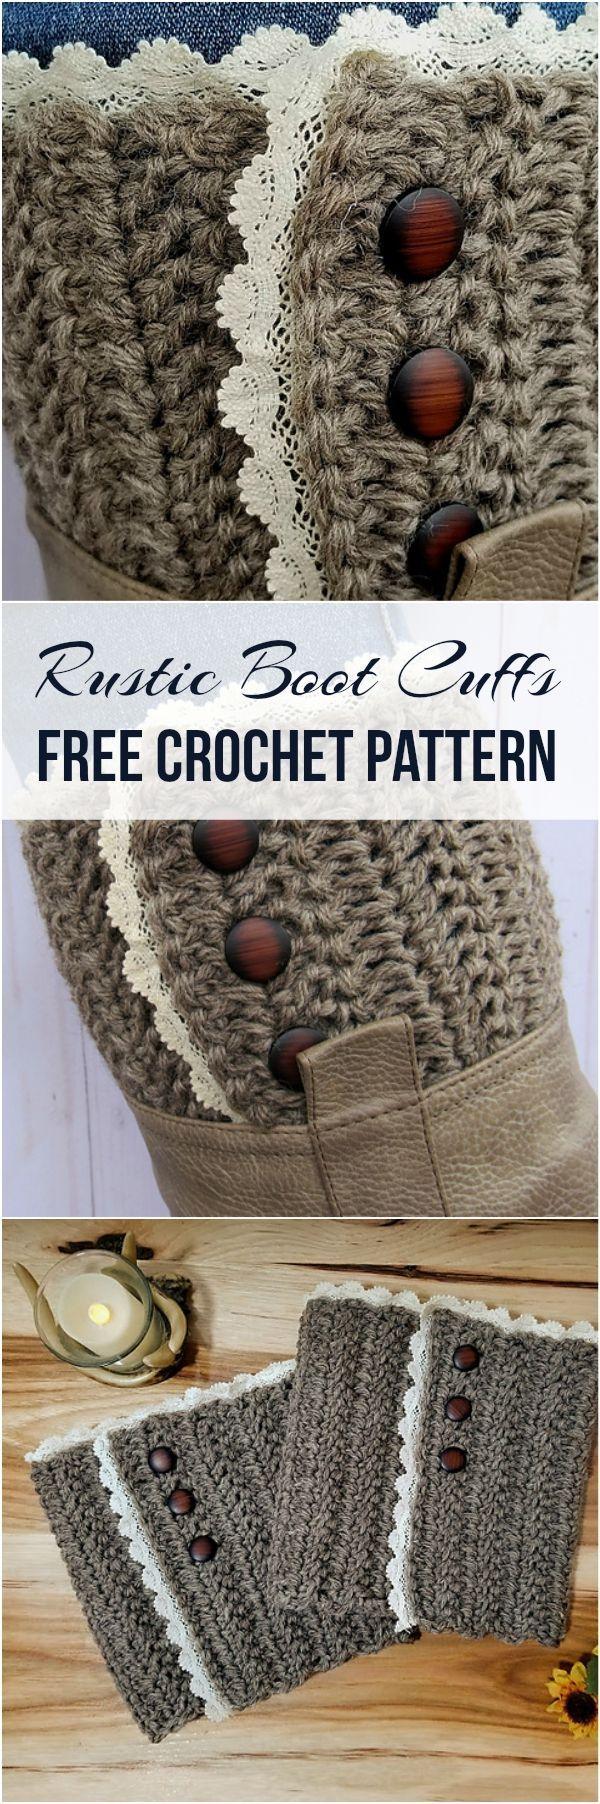 Rustic Boot Cuffs [Free Crochet Pattern] #crochet #crochetpattern ...